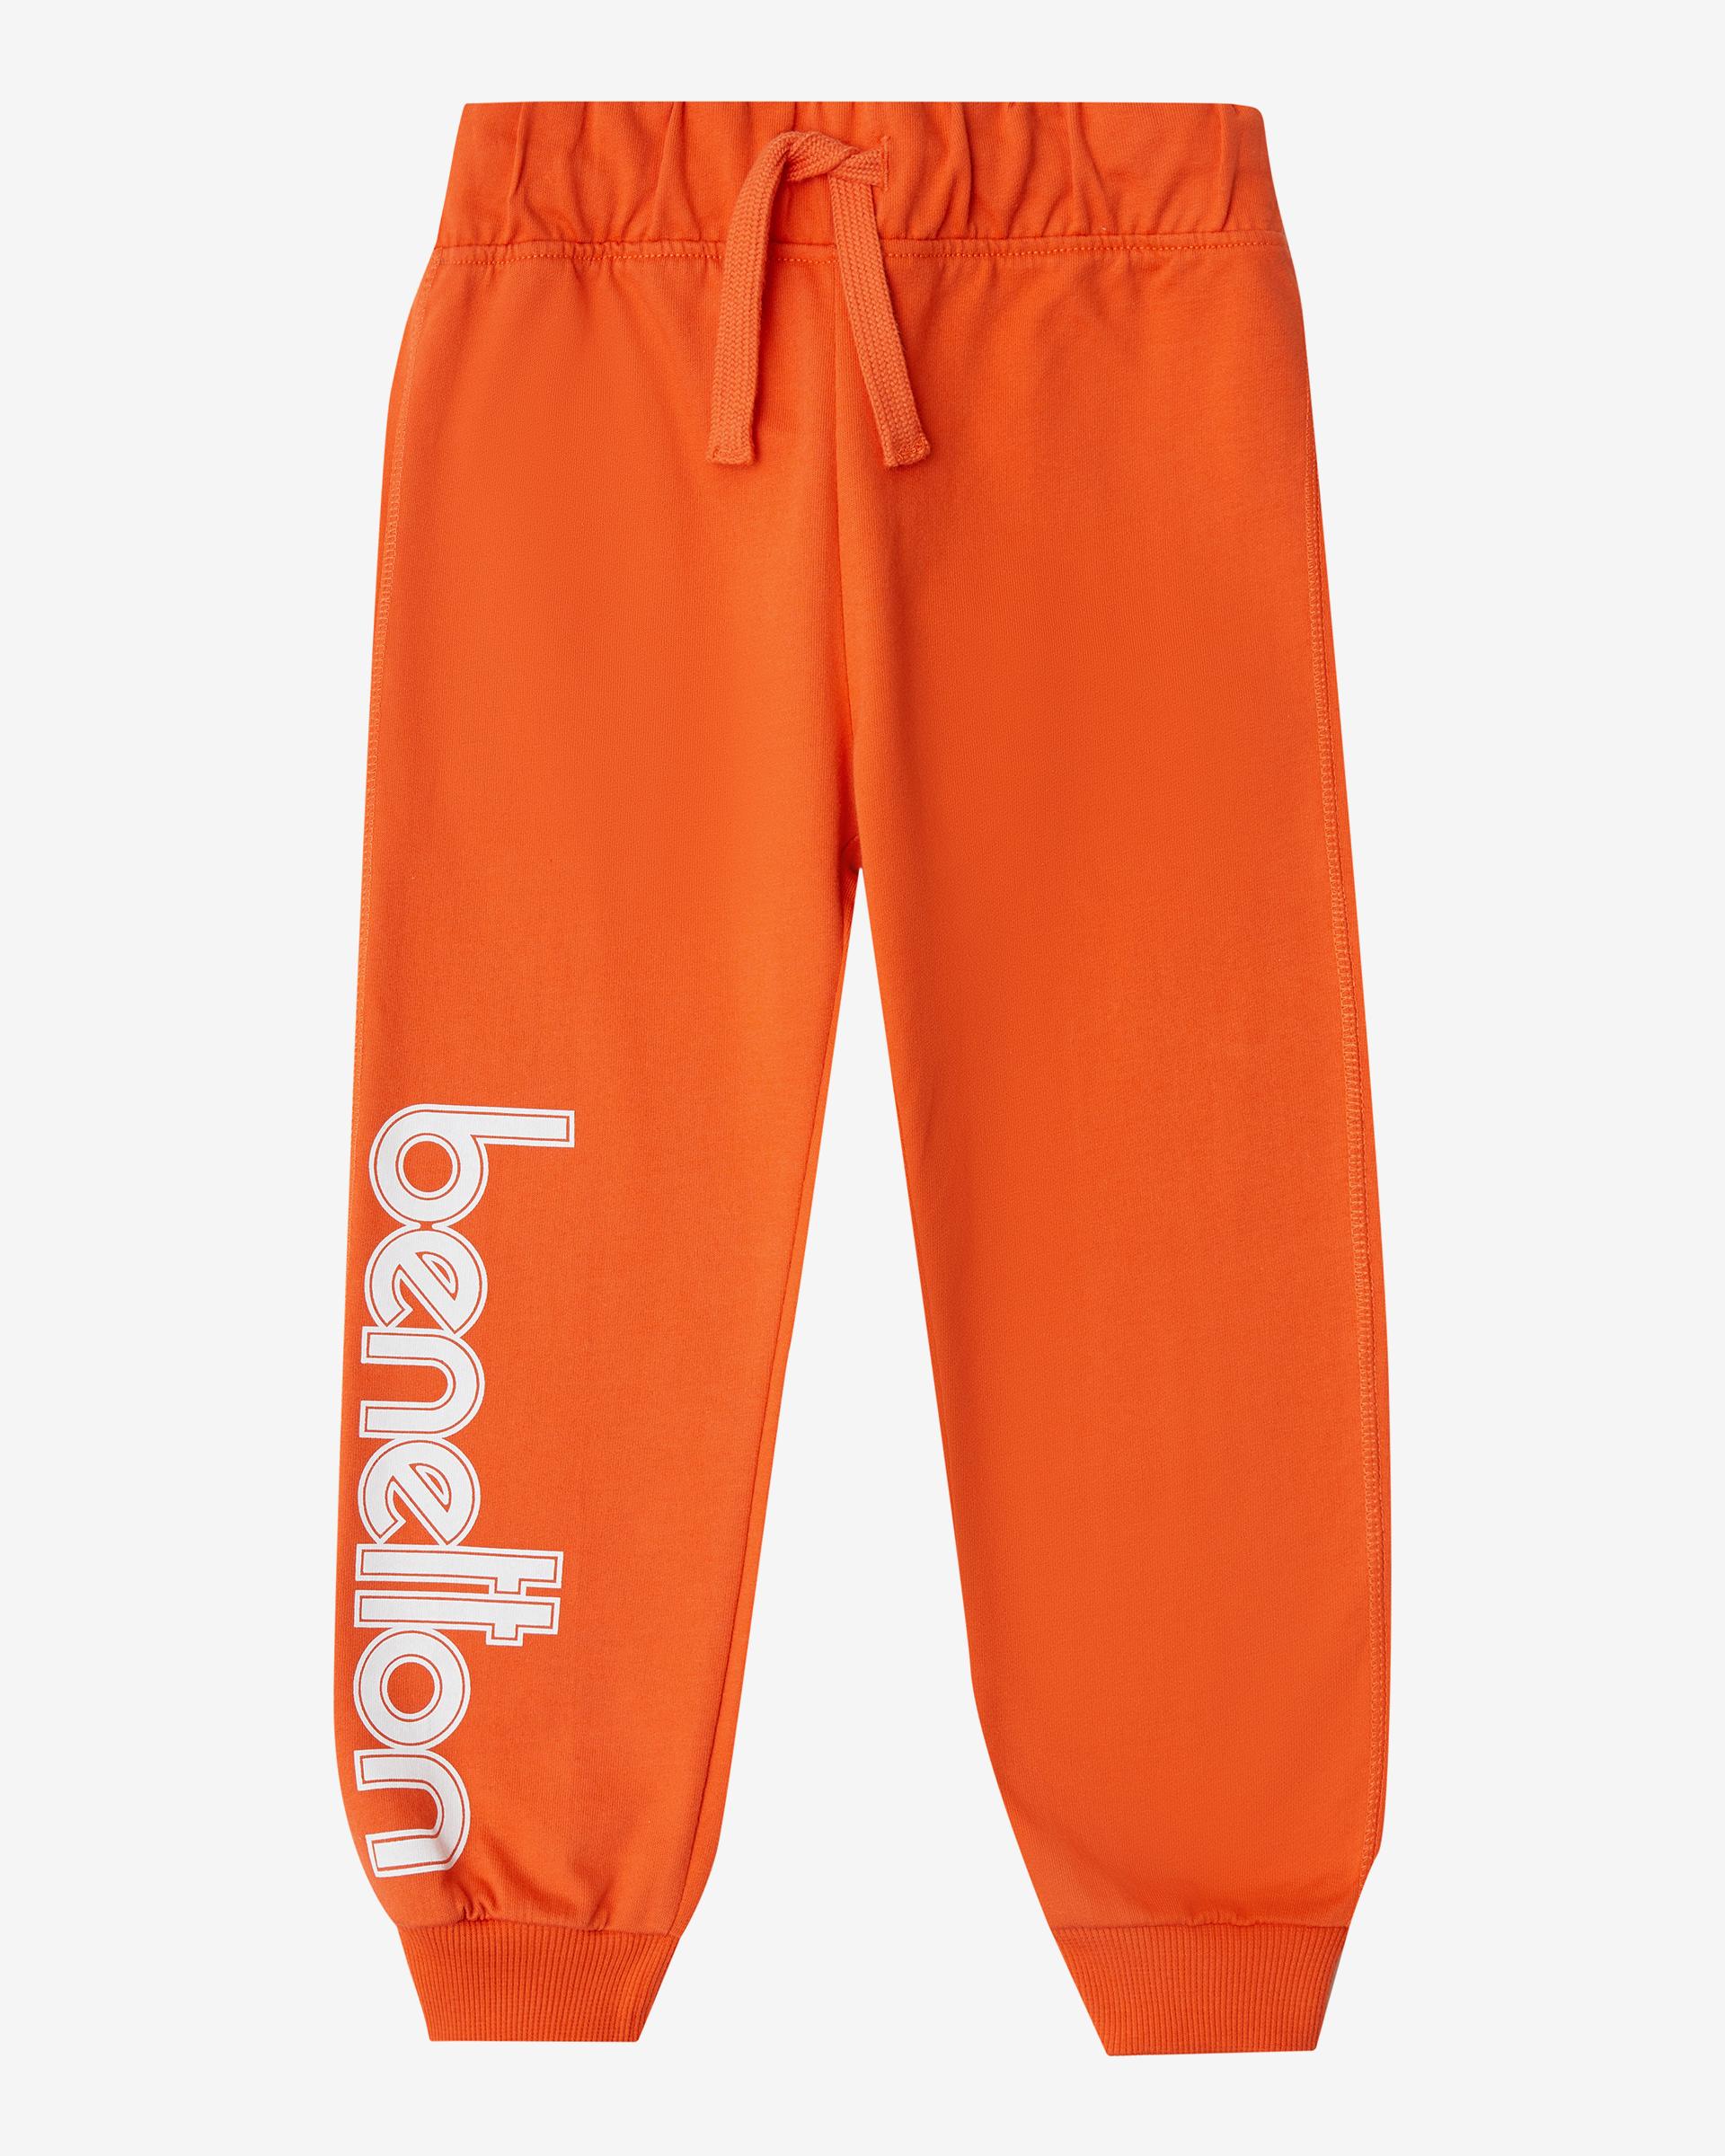 Купить 20P_3BC1I0986_309, Спортивные брюки для мальчиков Benetton 3BC1I0986_309 р-р 92, United Colors of Benetton, Шорты и брюки для новорожденных